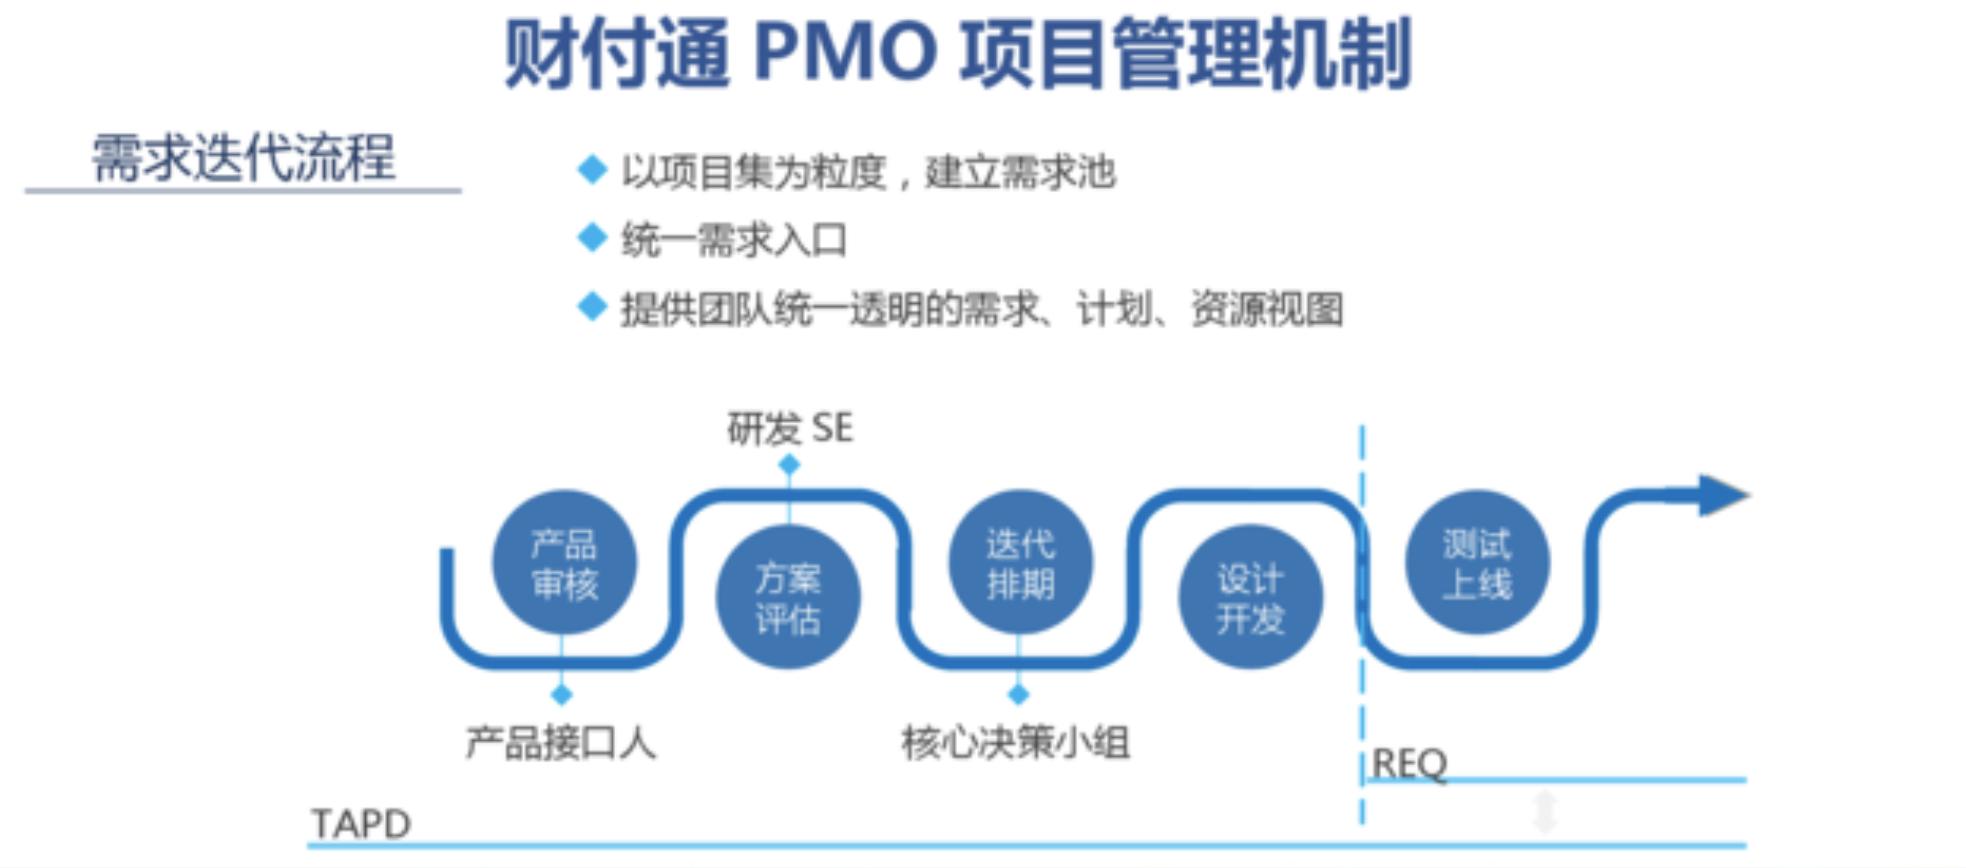 MPD:财付通——标准化项目管理与敏捷迭代的兼得——互联网PMO与项目管理实践  项目管理 管理 产品经理 产品 第3张